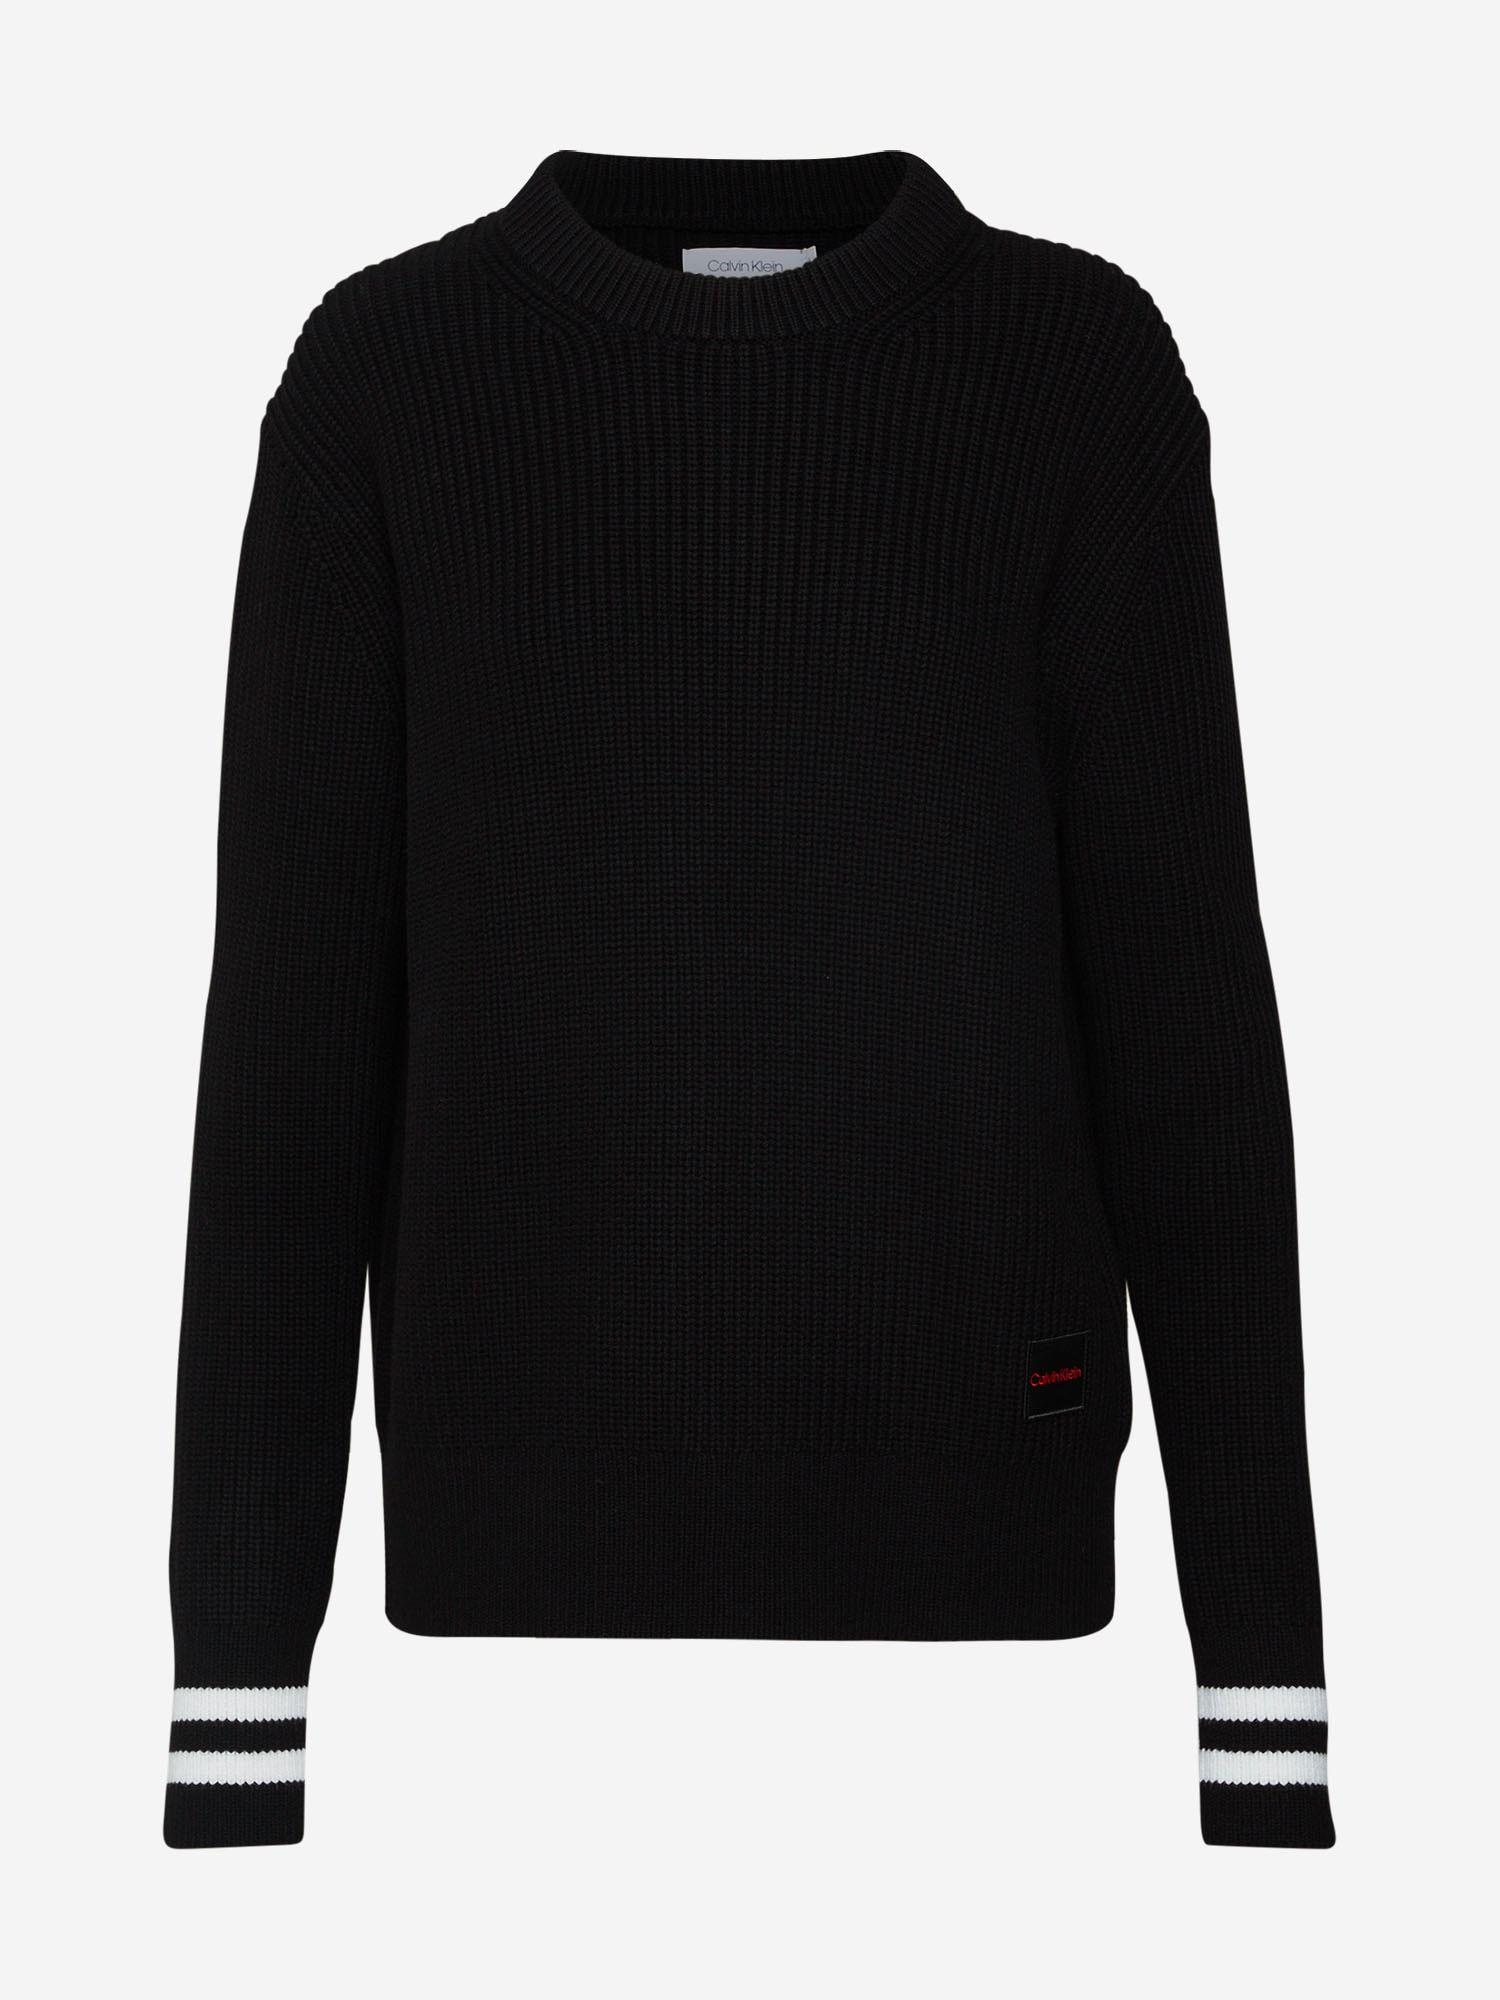 Calvin Klein Pullover Damen Schwarz Weiss Grosse Xl In 2020 Calvin Klein Pullover Pullover Damen Und Pullover